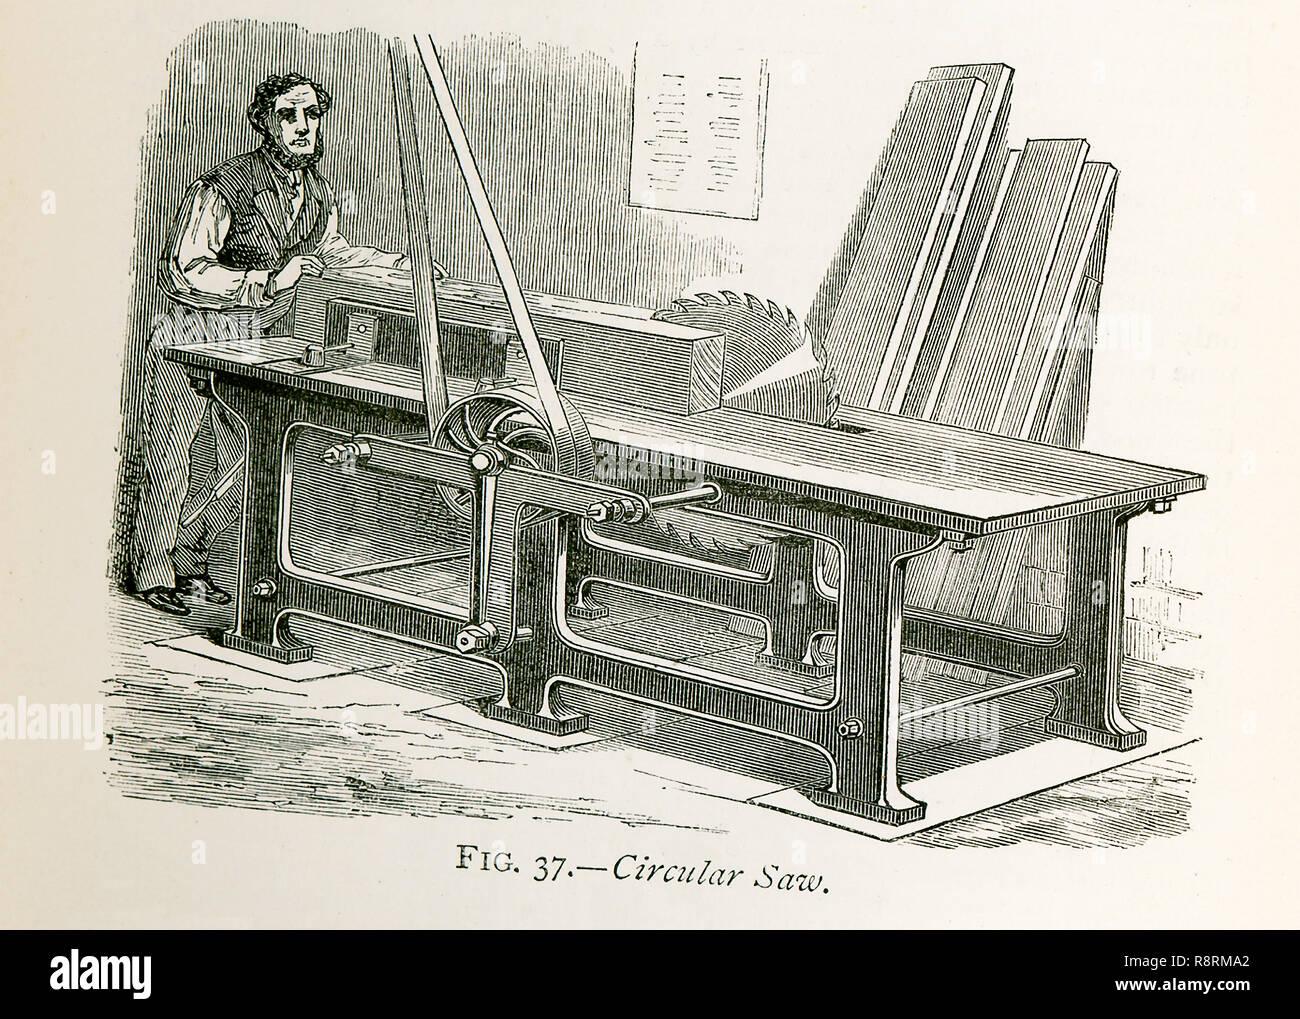 Diese Abbildung stammt aus den 1870er und showsa Kreissäge, eine sehr effektive Maschine zum Schneiden Stücke Holz von moderaten Abmessungen. Hier gibt es eine Stahlscheibe, in der Felge in Zähne gebildet, und die Disc wird mit sehr großer Geschwindigkeit drehen, in einigen Fällen, so viel wie fünf hundert Umdrehungen in einer Minute oder mehr als acht in einer Sekunde. Auf der Bank ist ein Verstellbarer gerader oder Zaun, und wenn dies wurde behoben, der Meister hat nur zu drücken, um das Stück Holz gegen Sie, und das Holz gleichzeitig in Richtung der Säge, die schneidet sie in kürzester drücken. Manchmal ist die c Stockbild